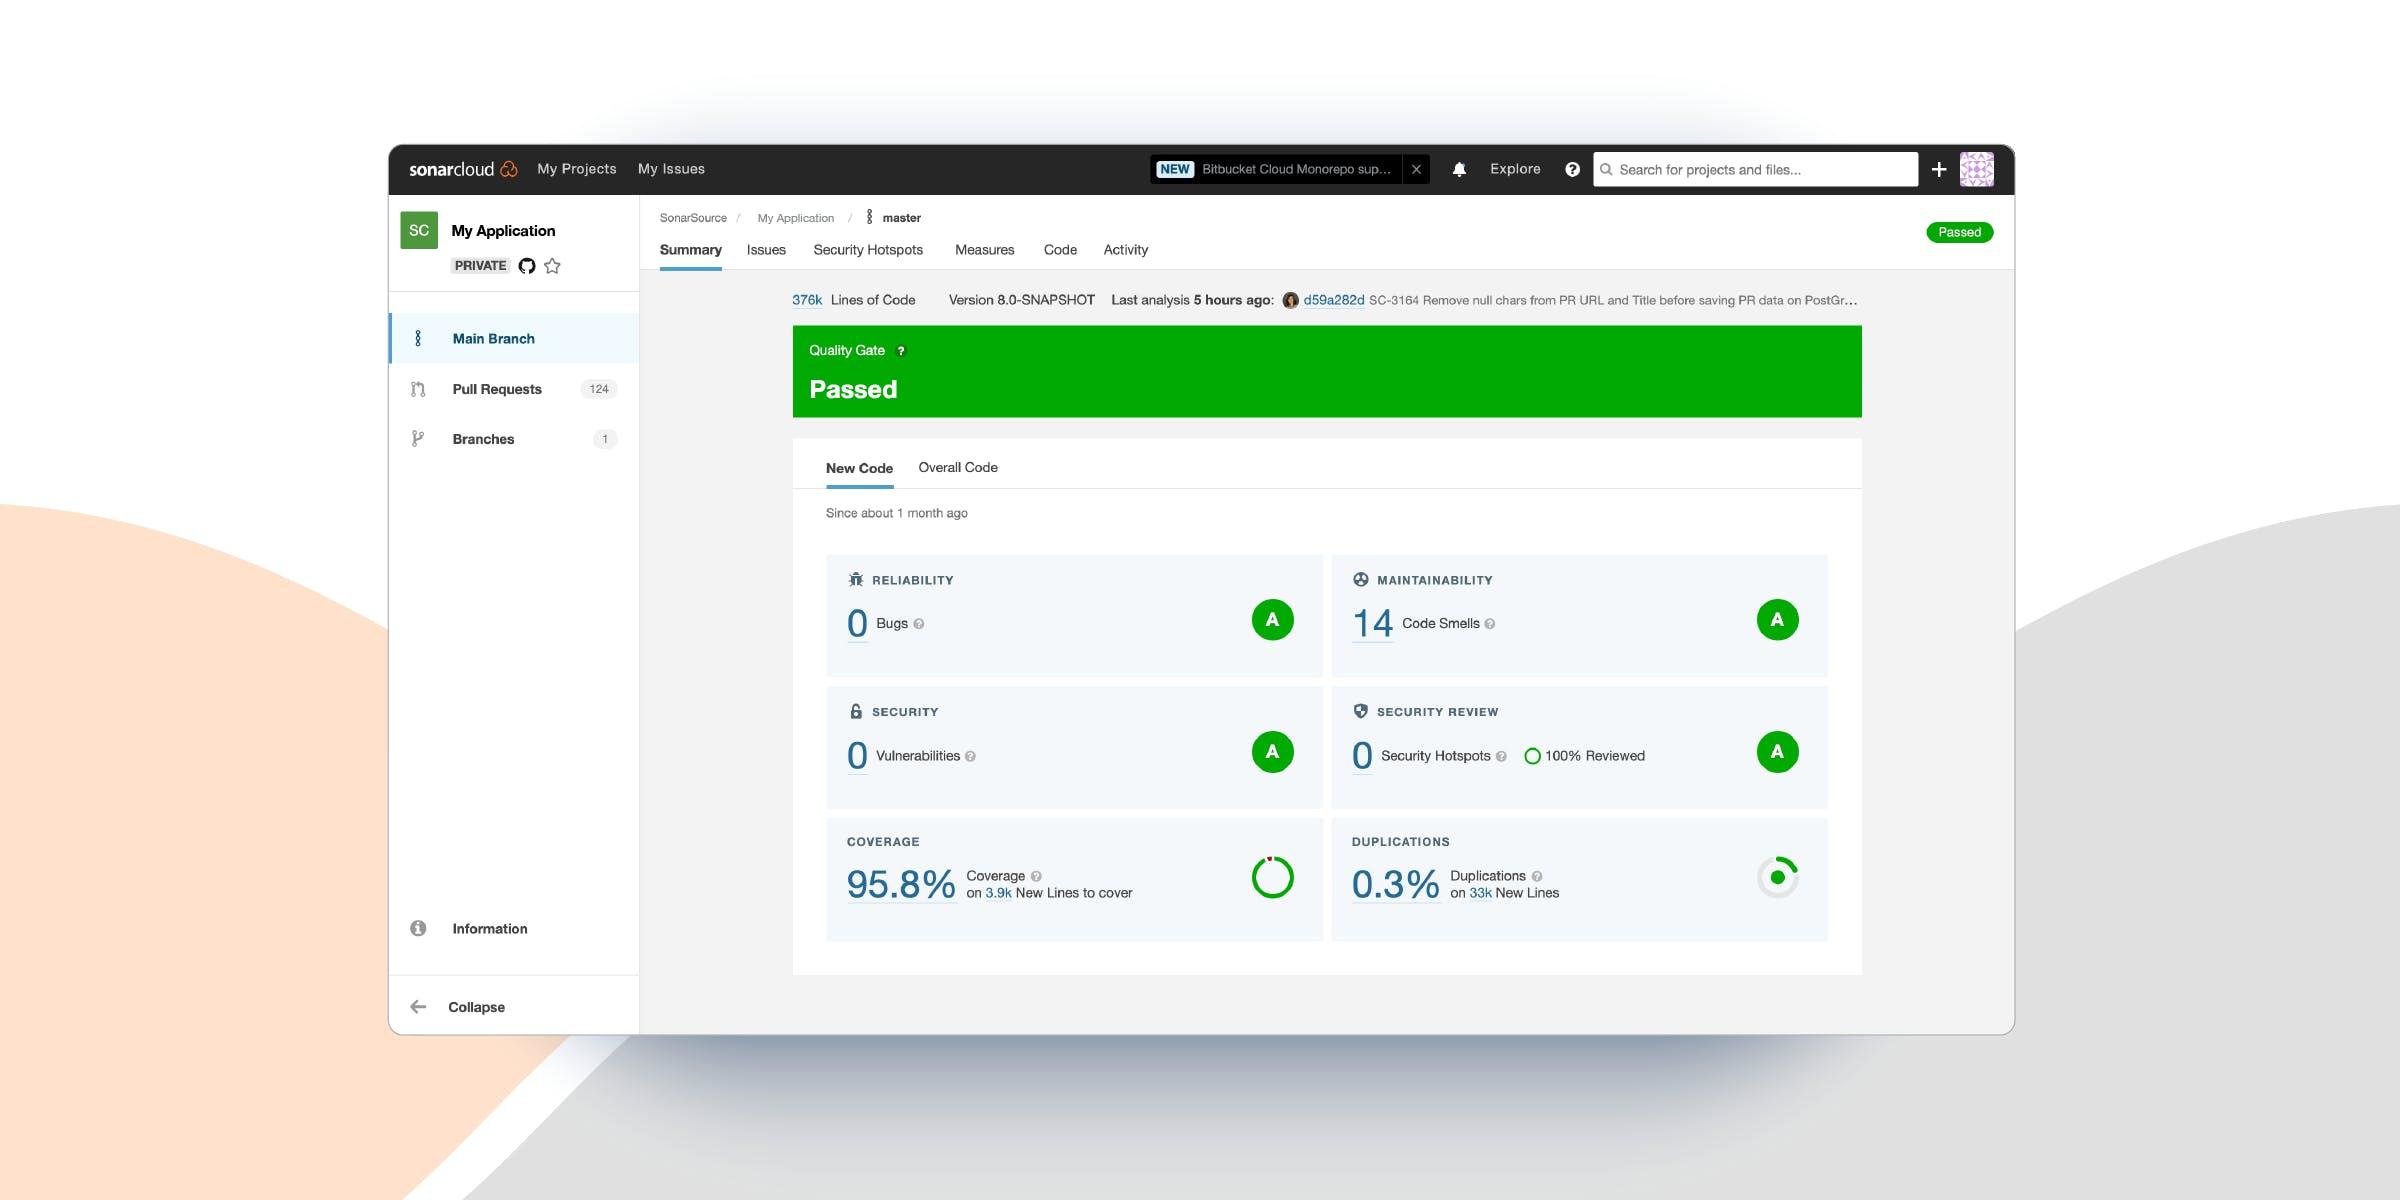 SonarCloud new UX